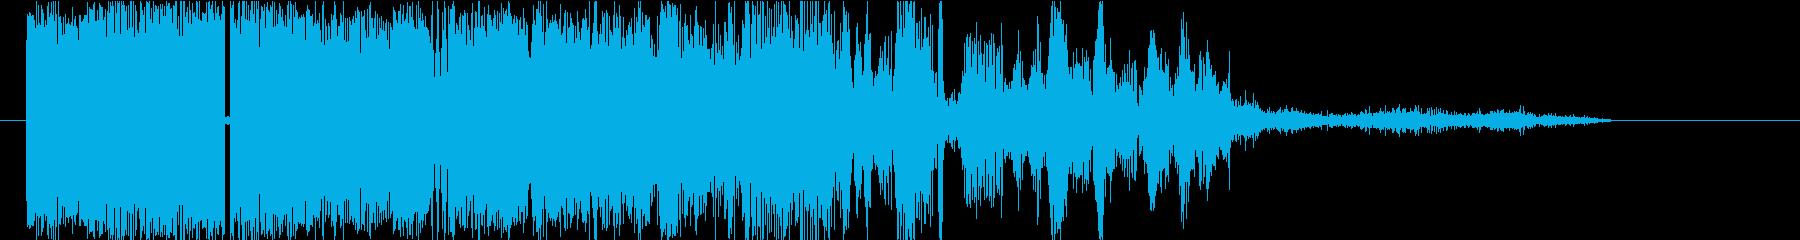 わいせつなものの再生済みの波形